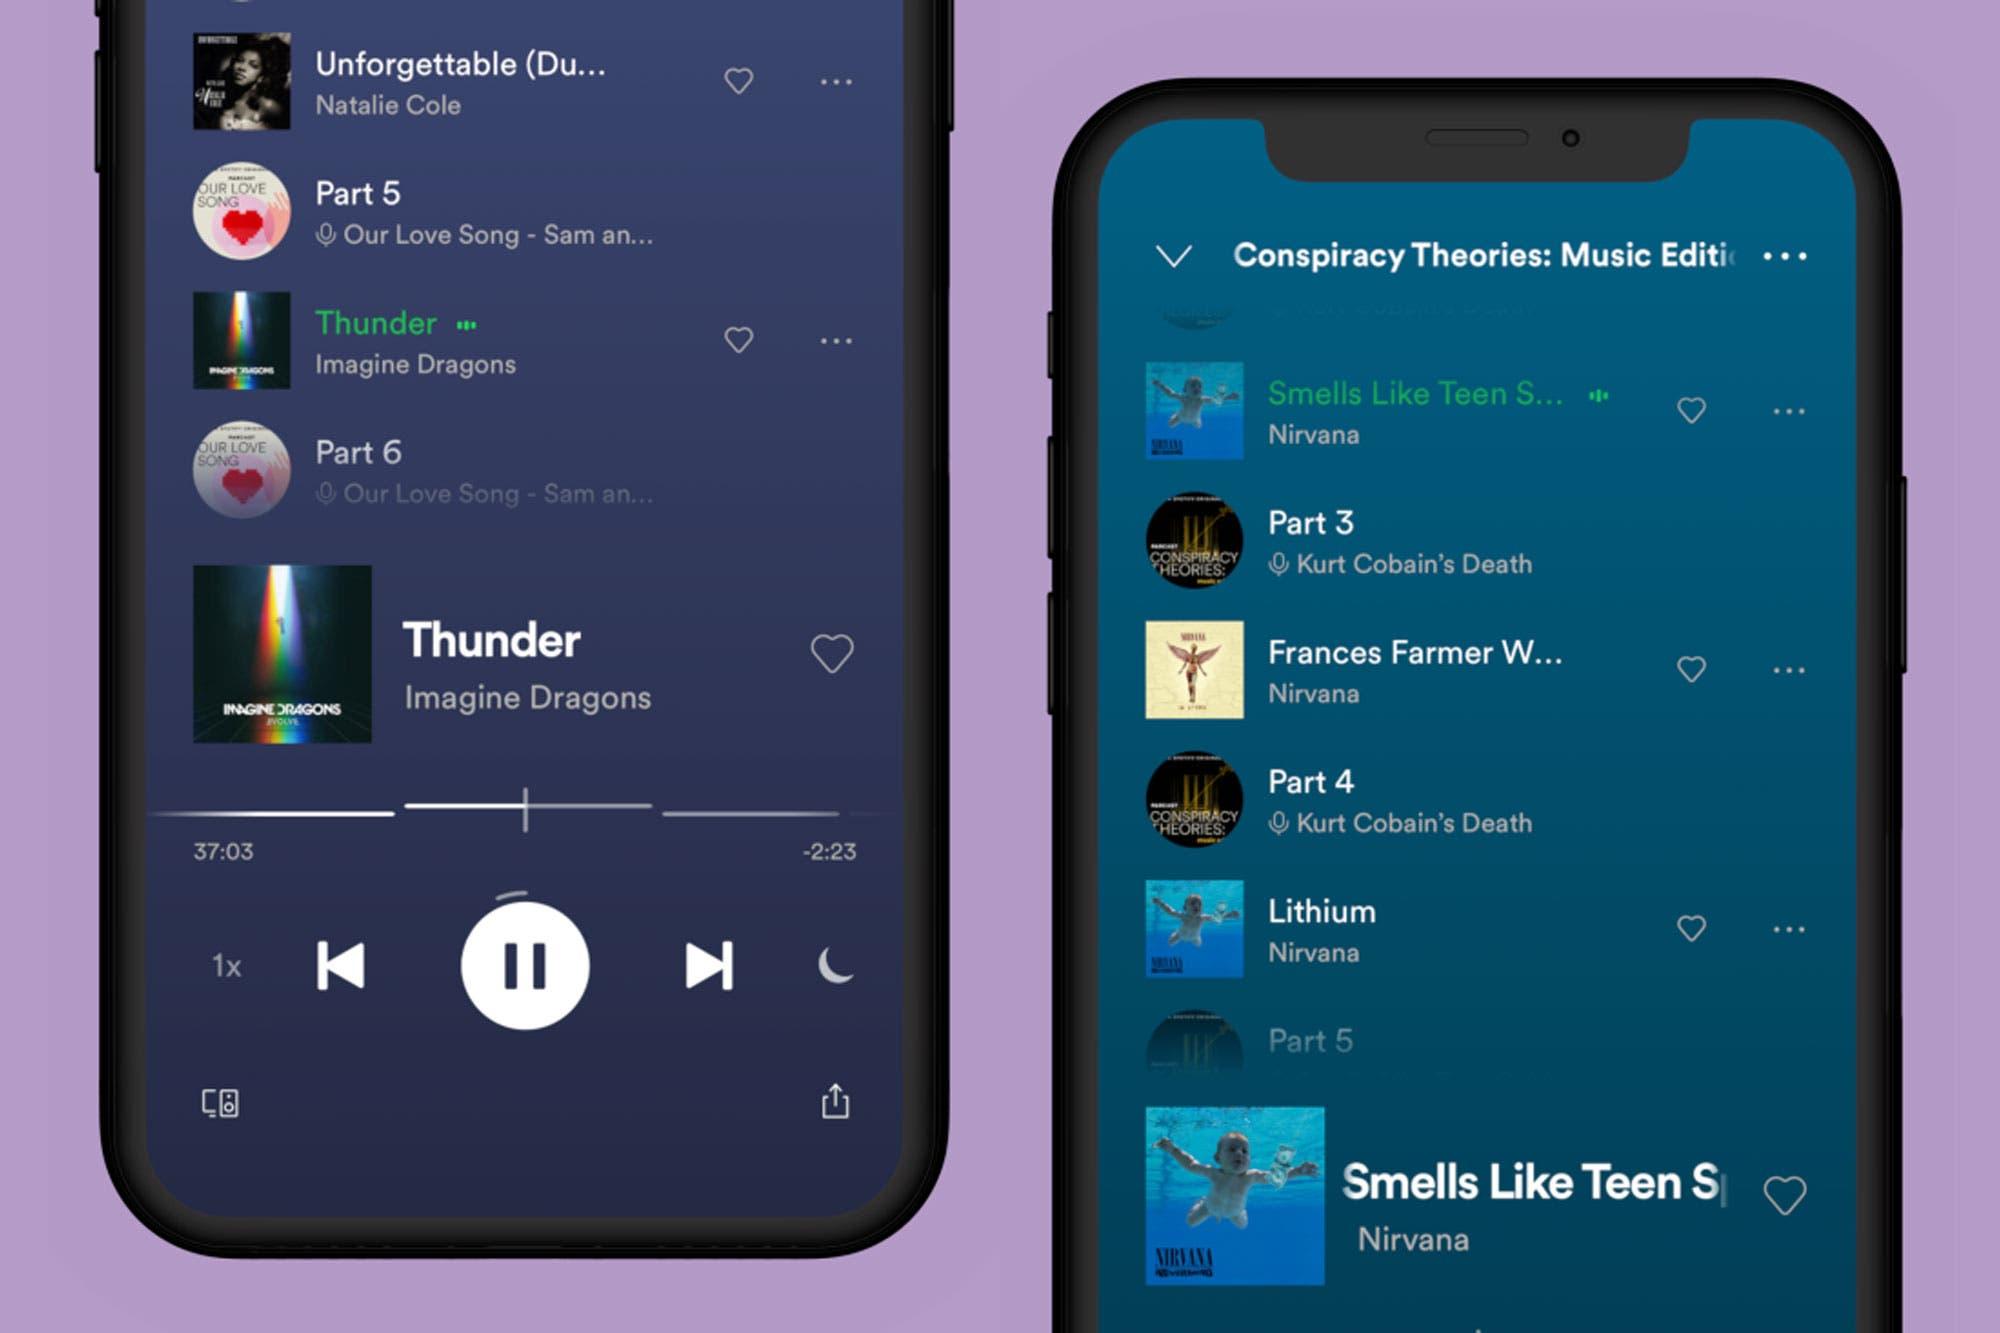 Como en una radio: Spotify permite crear programas que combinan comentarios y canciones